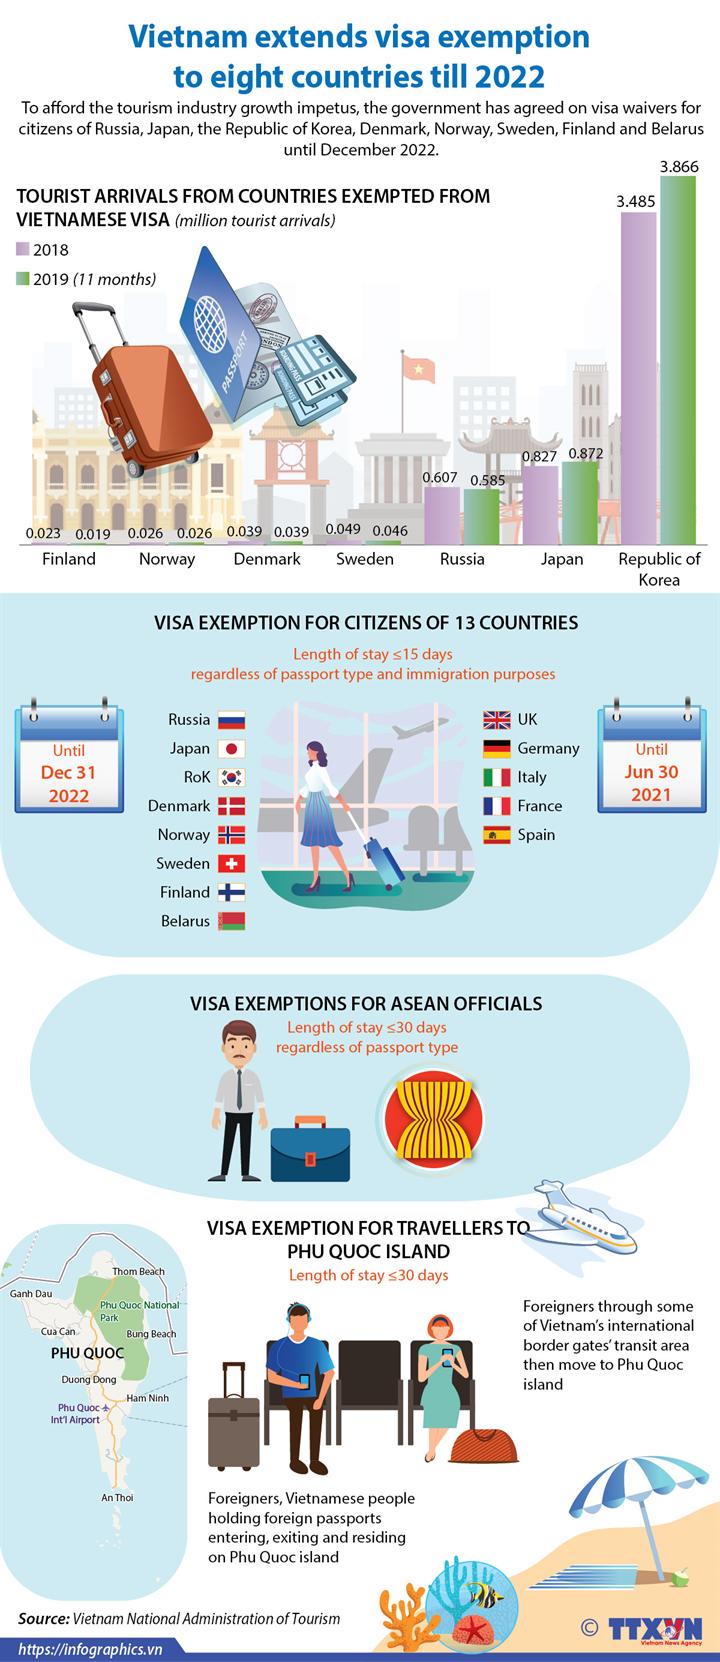 Vietnam extends visa exemption to eight countries till 2022